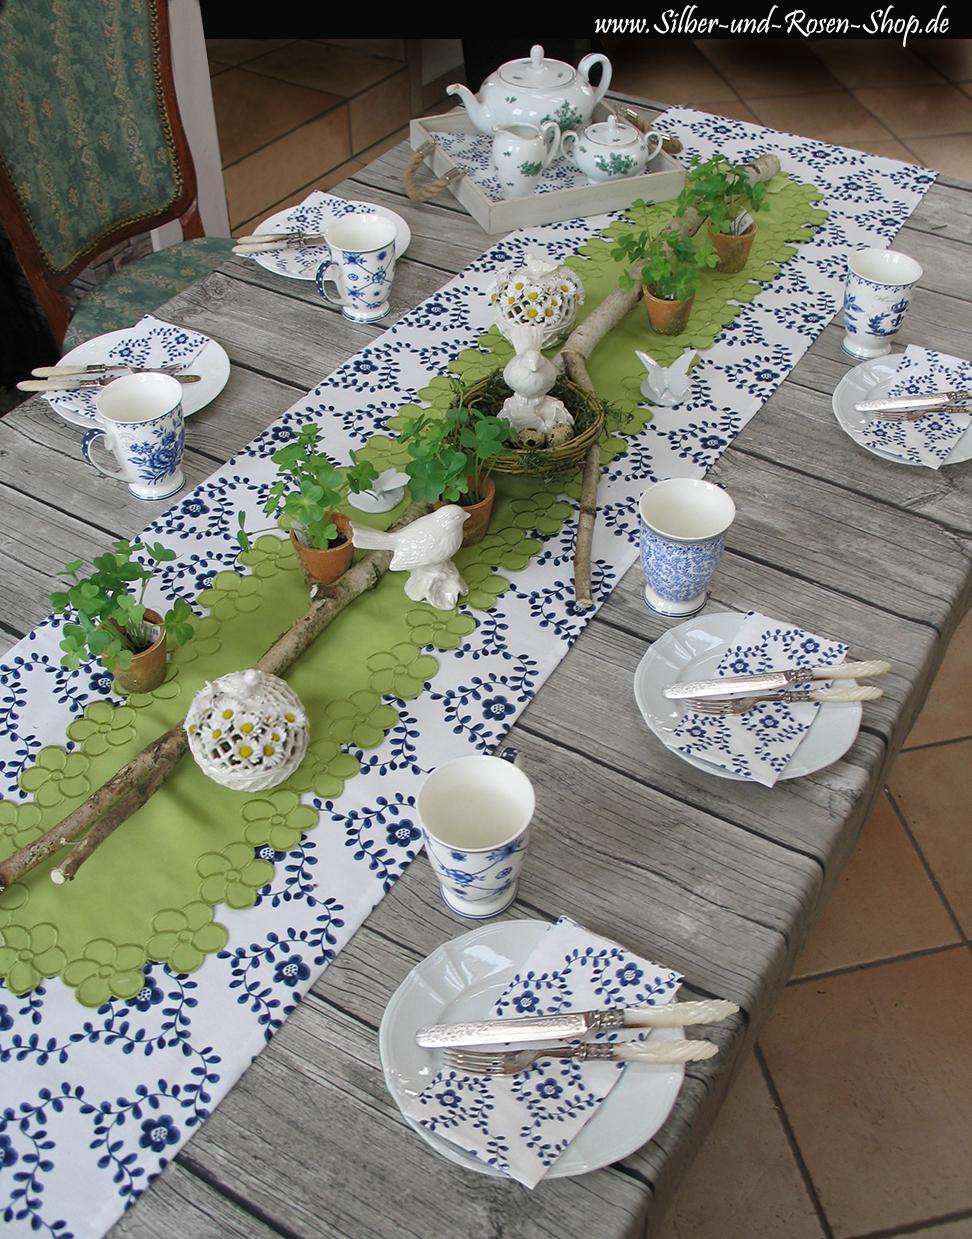 Unterlage ist eine Planken-Wachstuchtischdecke, darüber der Tischläufer Ängsruta (handgenäht bei Silber-und-Rosen-Shop). Dazu ein grüner Tischläufer, künstliche Kleetöpfchen und weiße Porzellandeko. Alles von www.Silber-und-Rosen-Shop.de